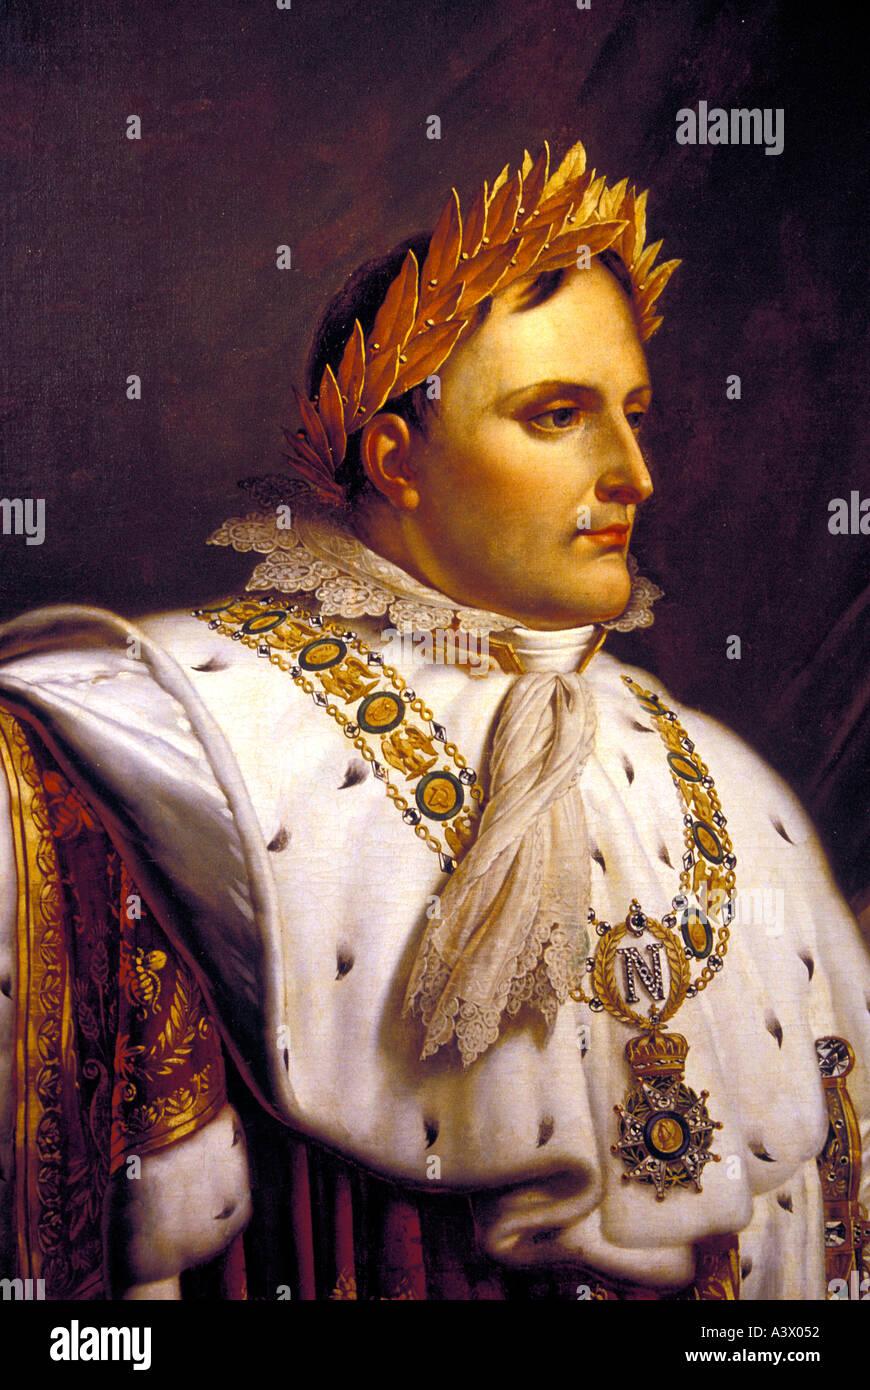 Napoleon Bonaparte portrait shown at Napoleon s house maison Bonaprte in his birth place city Ajaccio Corsica Island France - Stock Image